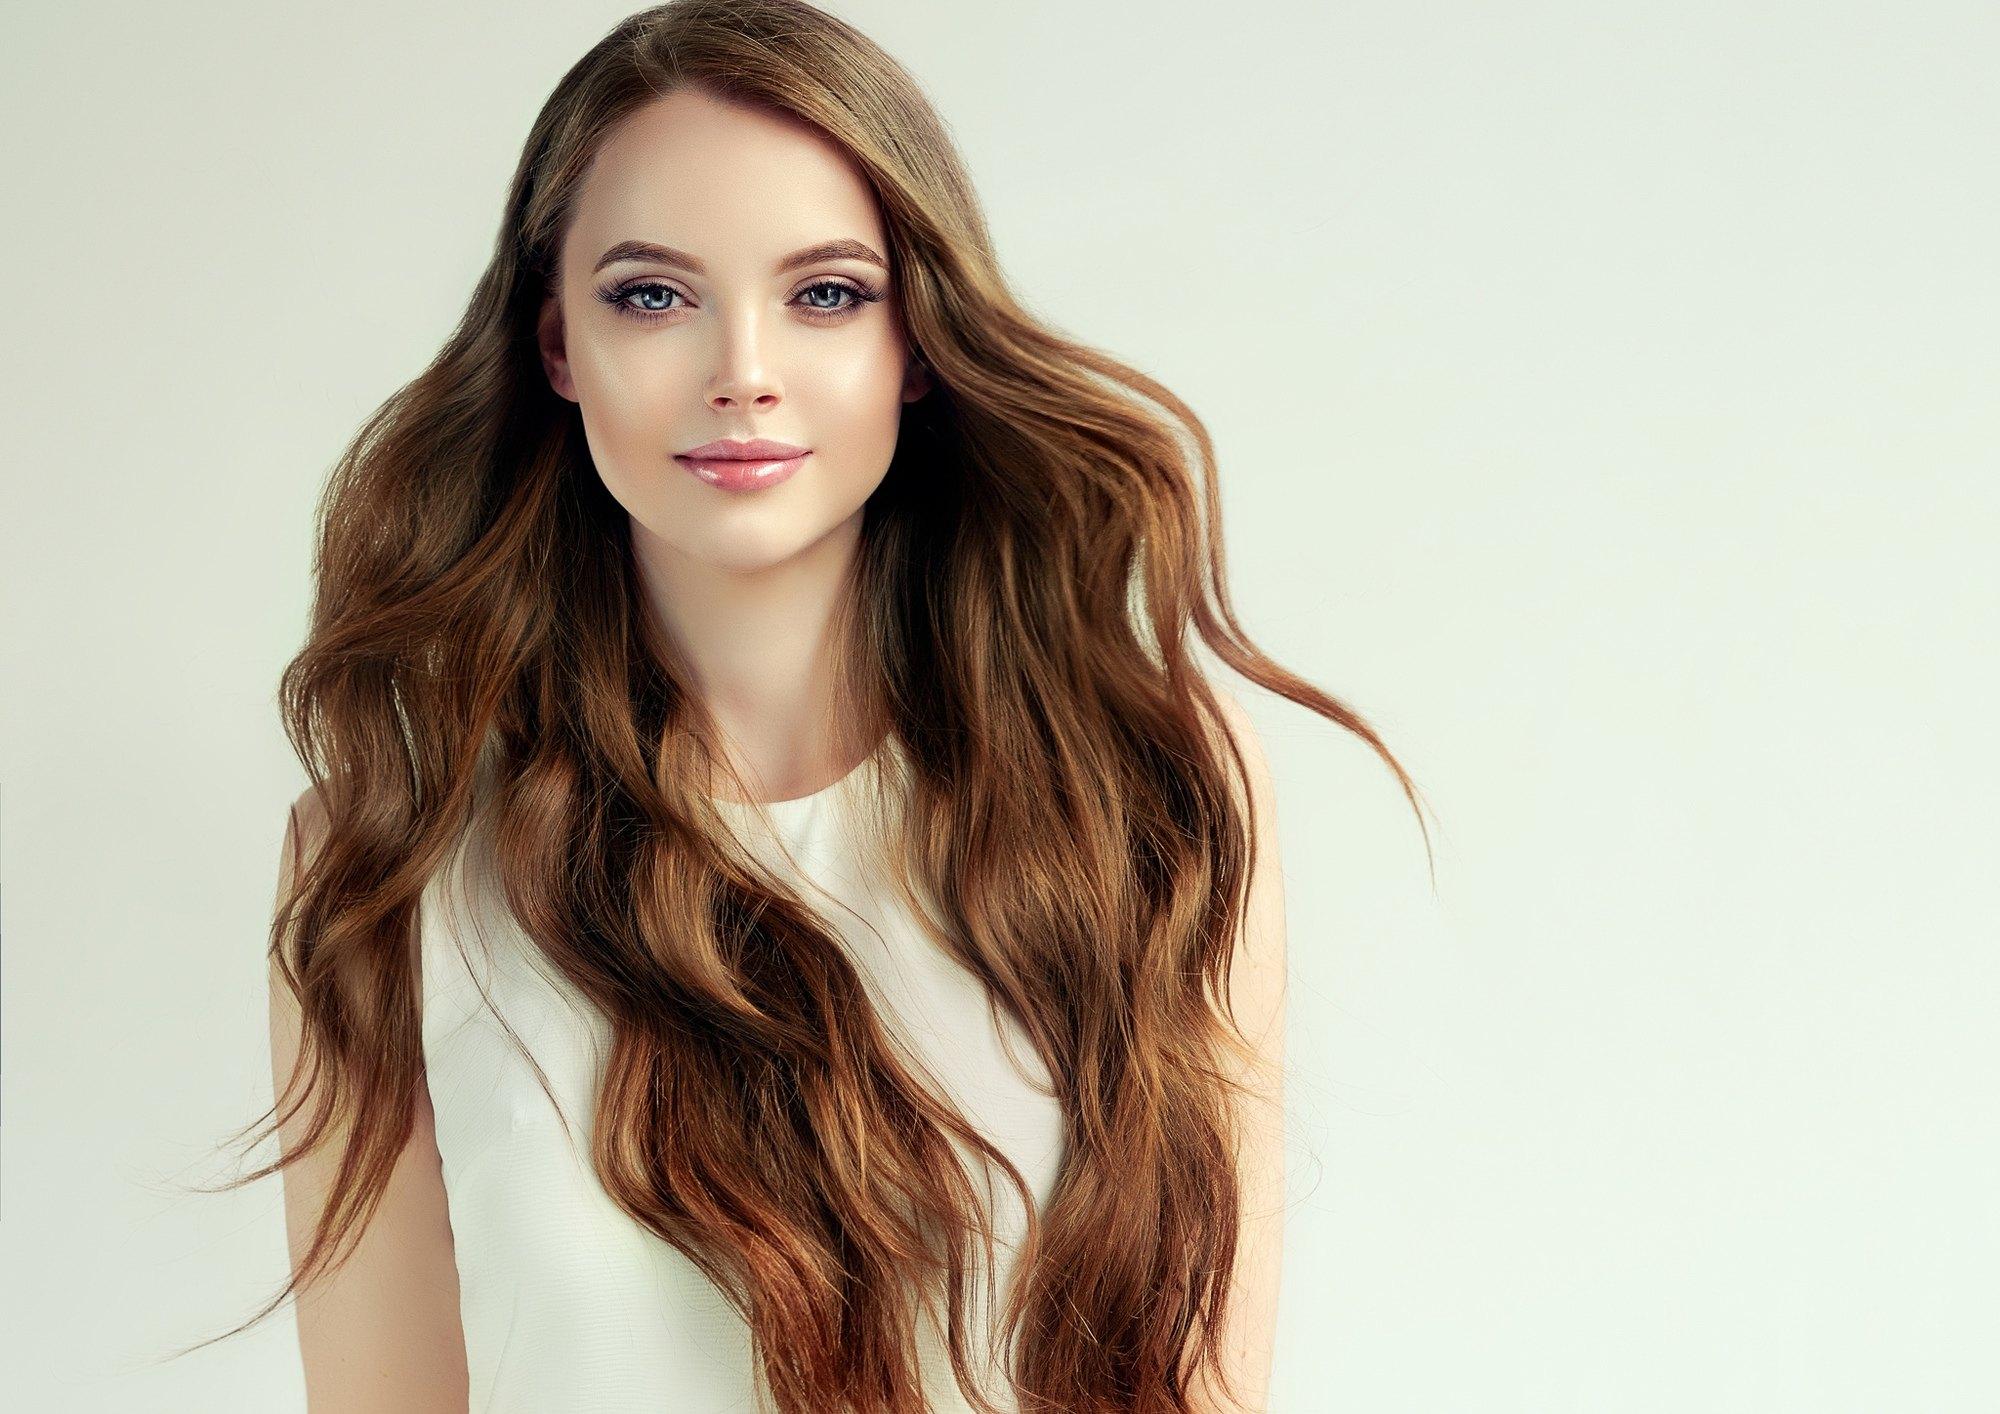 علاج الشعر الجاف والمجعد بالمكونات الطبيعية